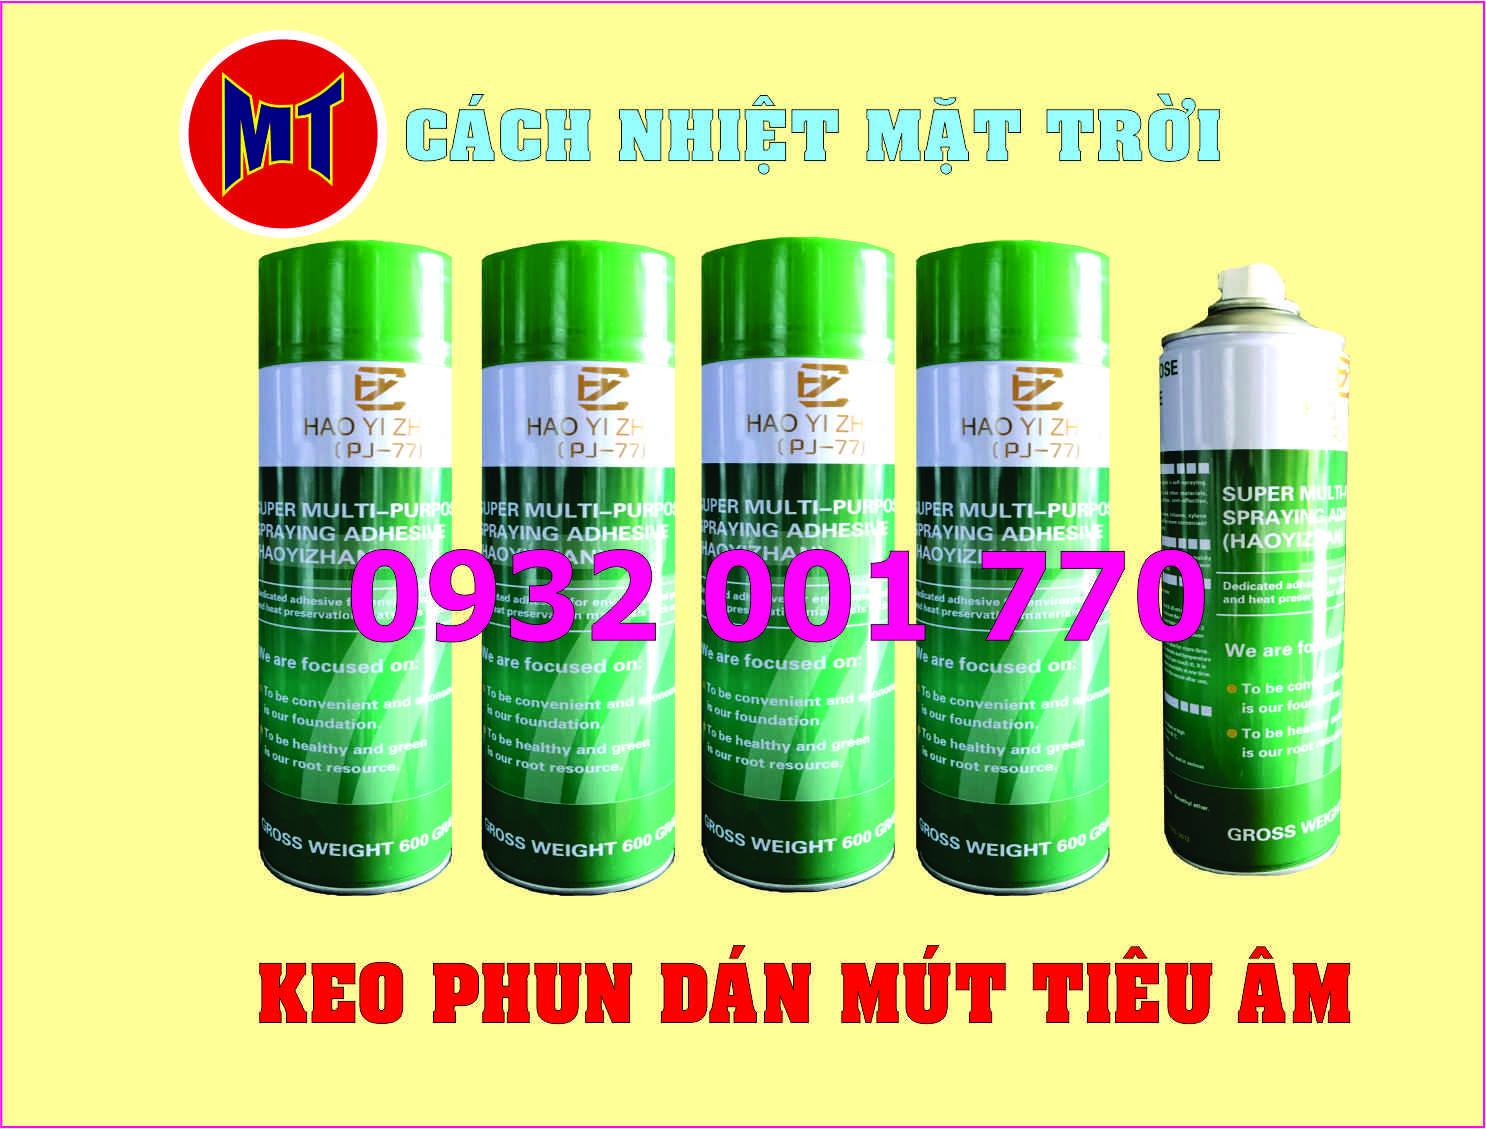 hình ảnh sản phẩm Keo phun dán mút tiêu âm - Keo dán đa năng